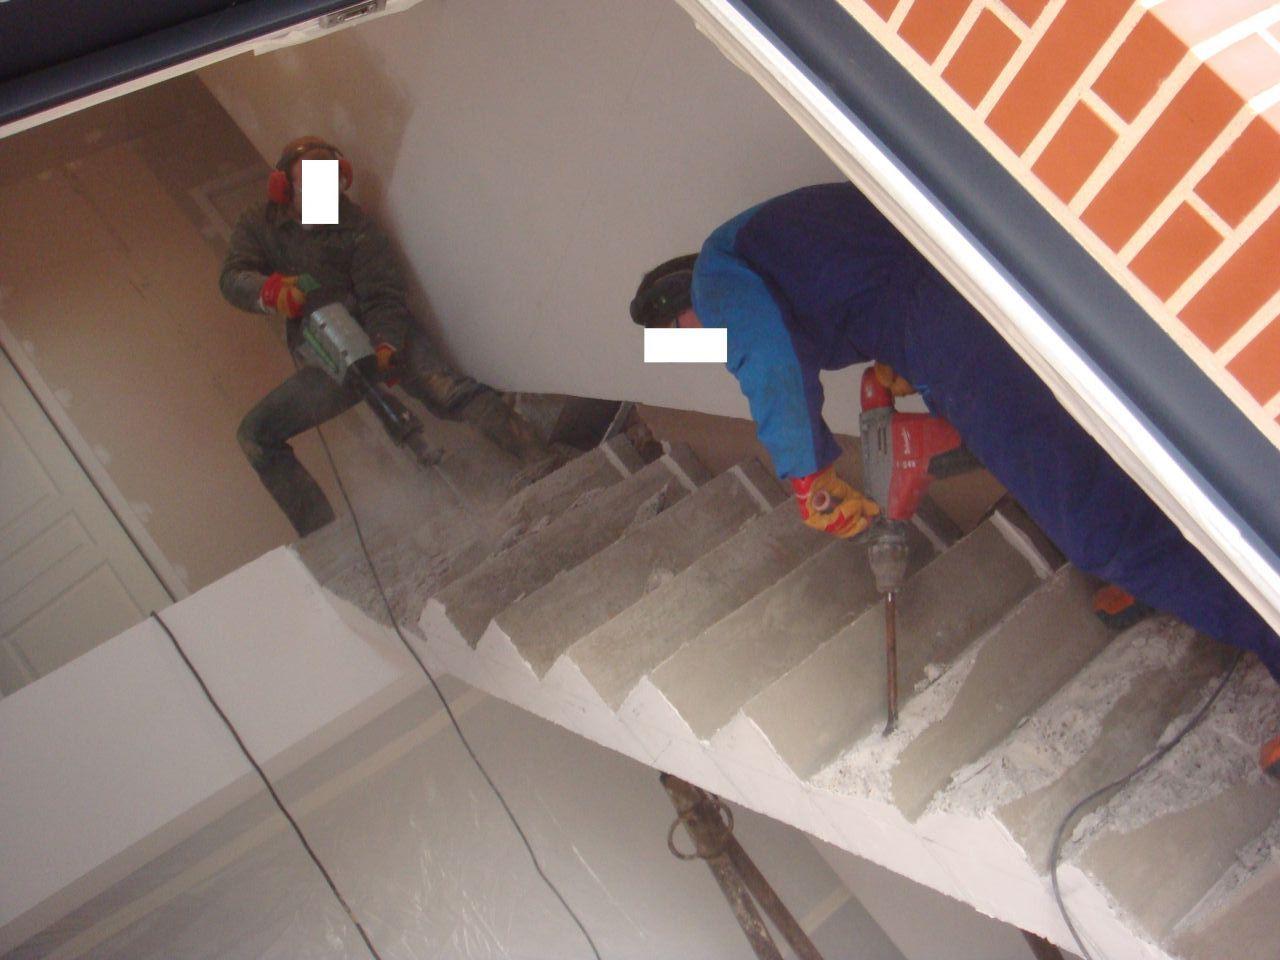 Démolition de l'escalier béton car celui-ci n'était pas aux normes et très dangereux à l'utilisation